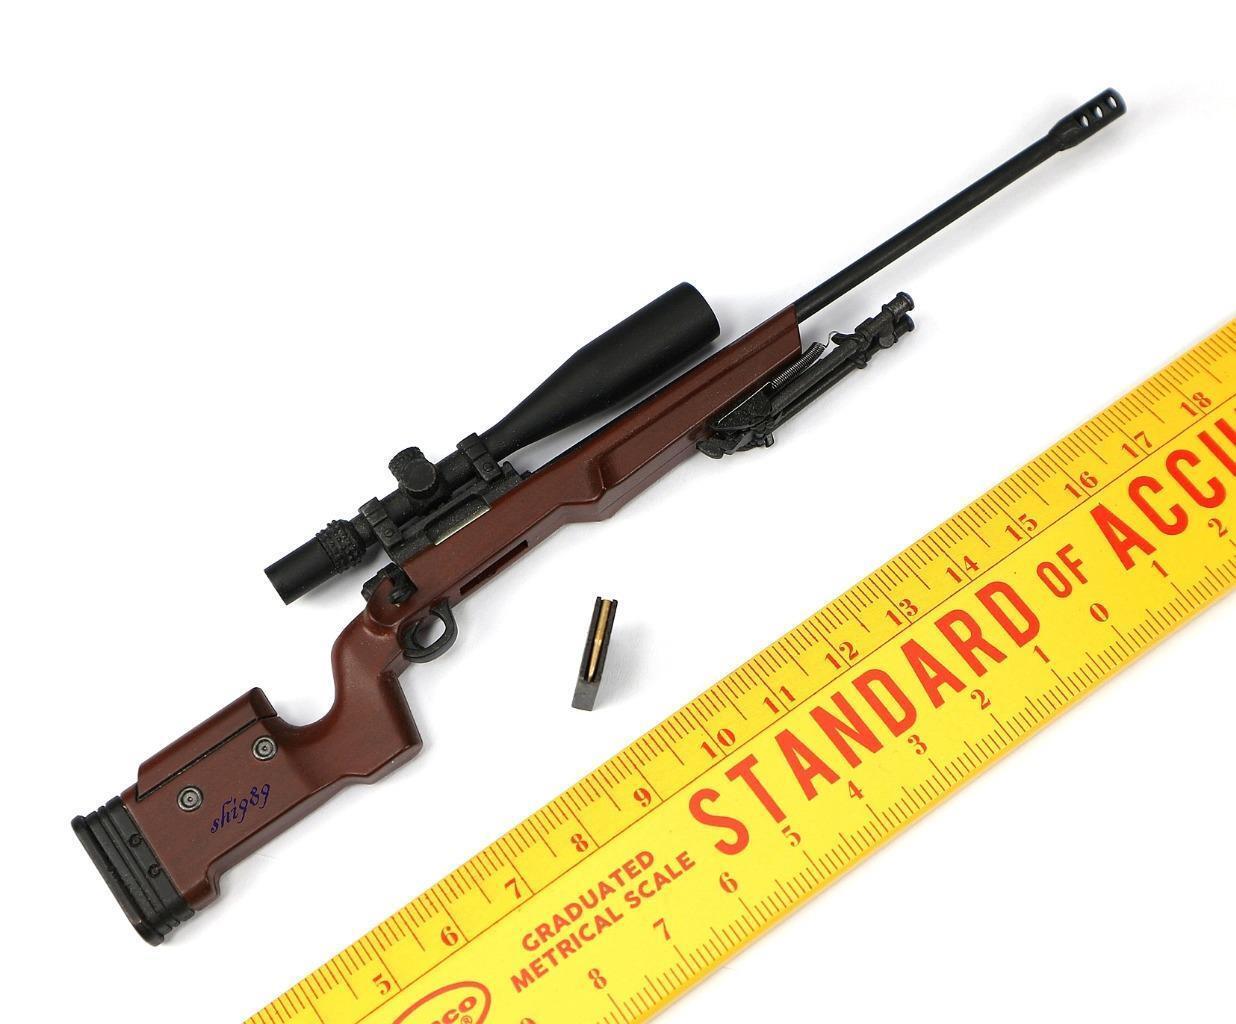 heta leksaker MMS342 läderlappen mot Stålmannen Dawn of Justice läderlappen 1  6 VIP Pripper Rifle